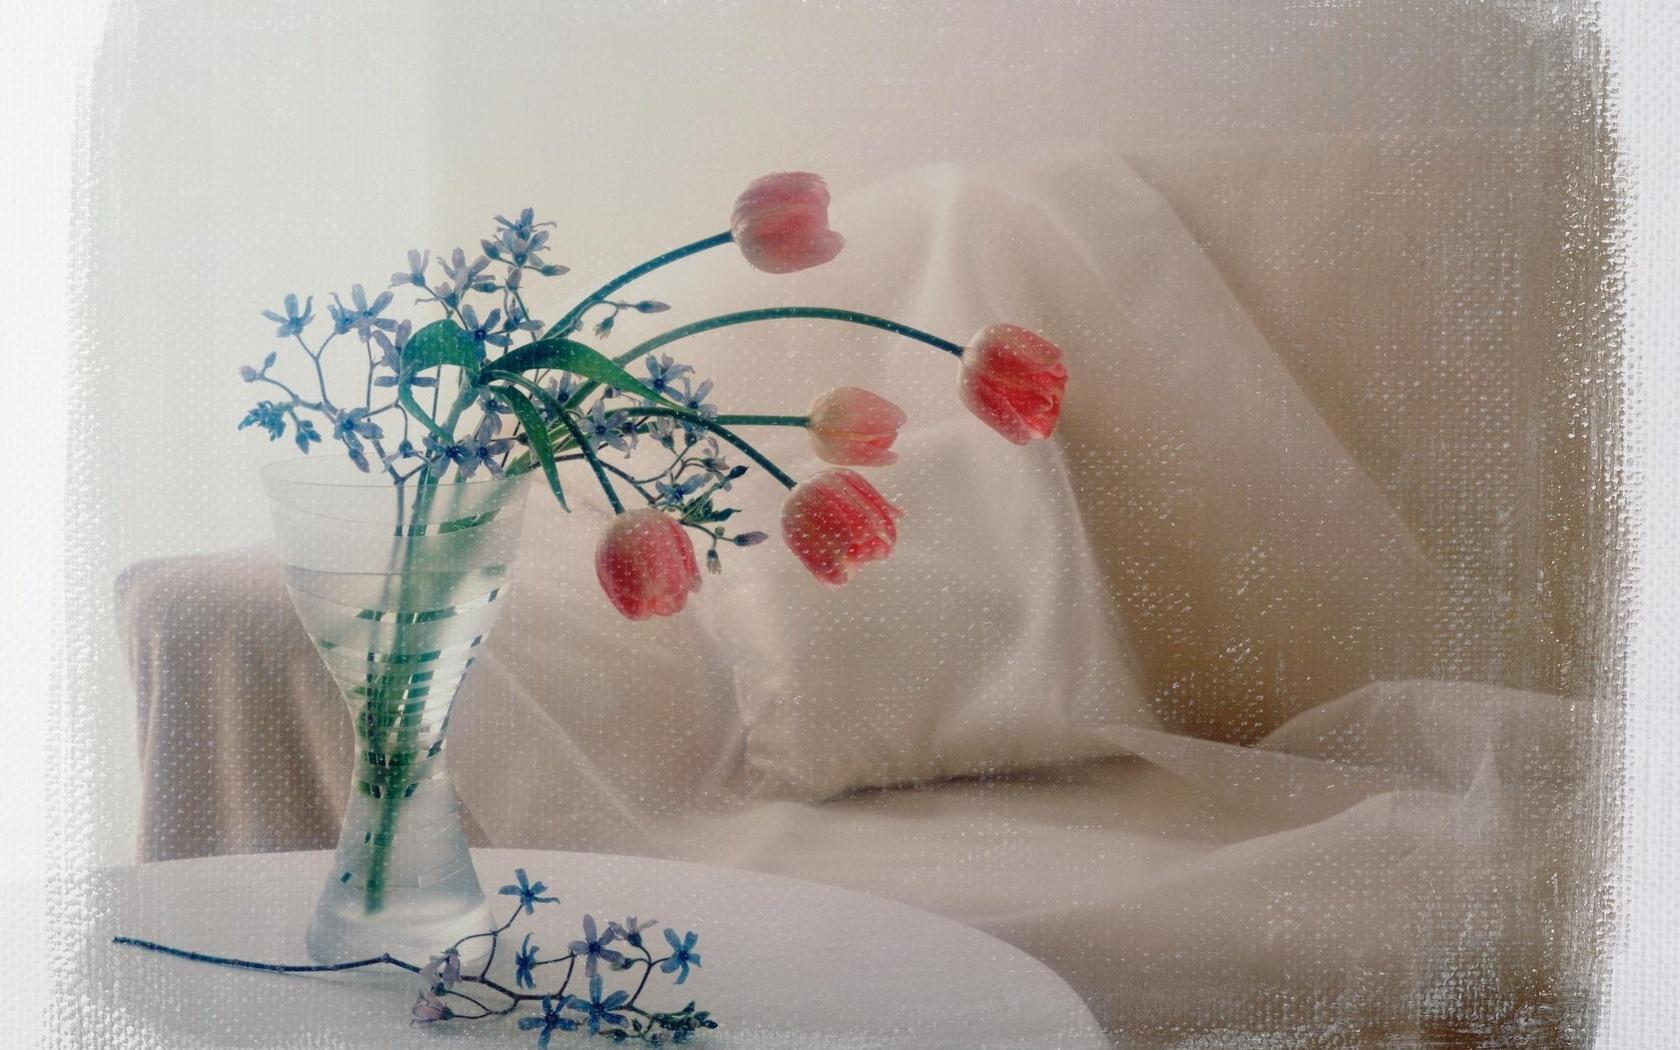 обработка, фото, букет, диван, тюльпаны, ваза, Цветы